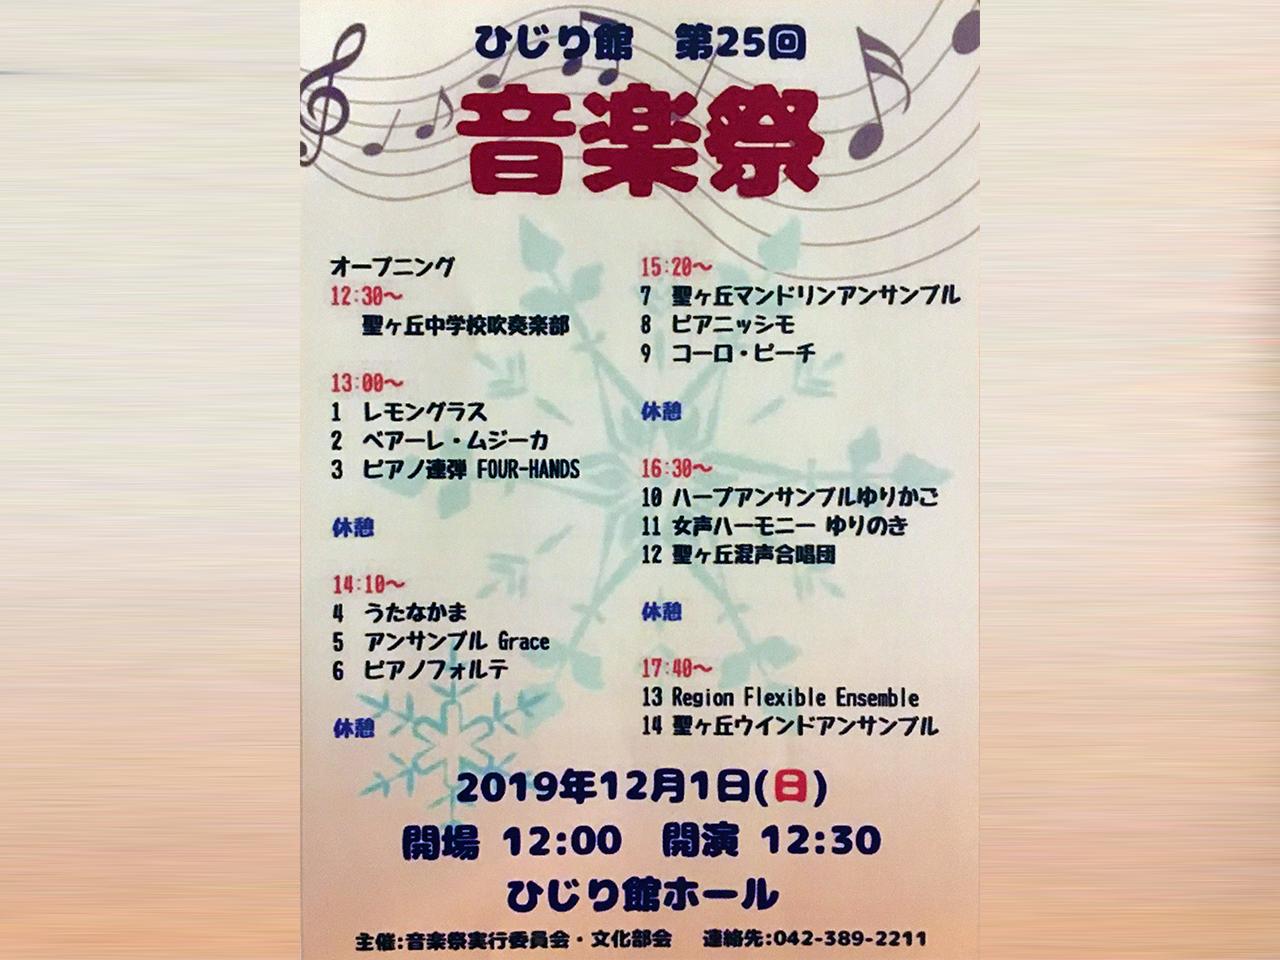 ひじり館音楽祭